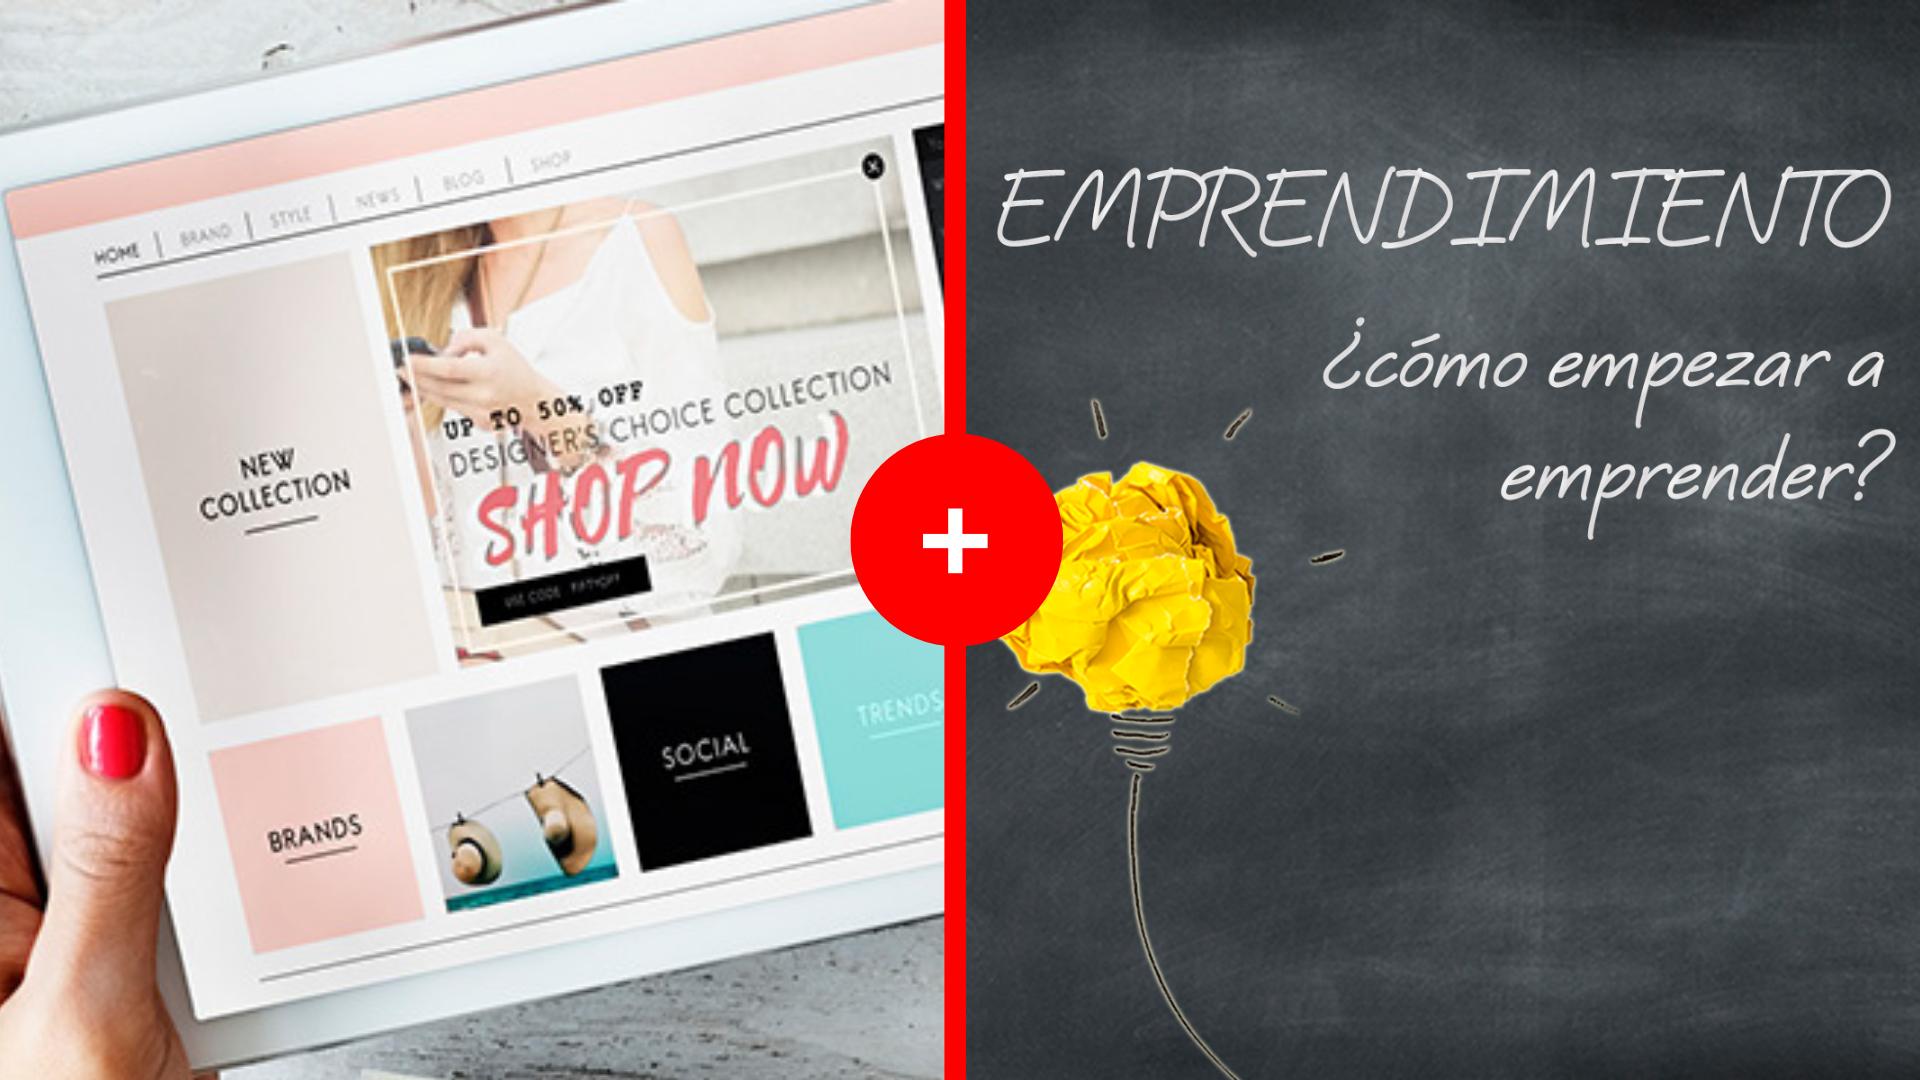 Curso de eCommerce + Emprendimiento